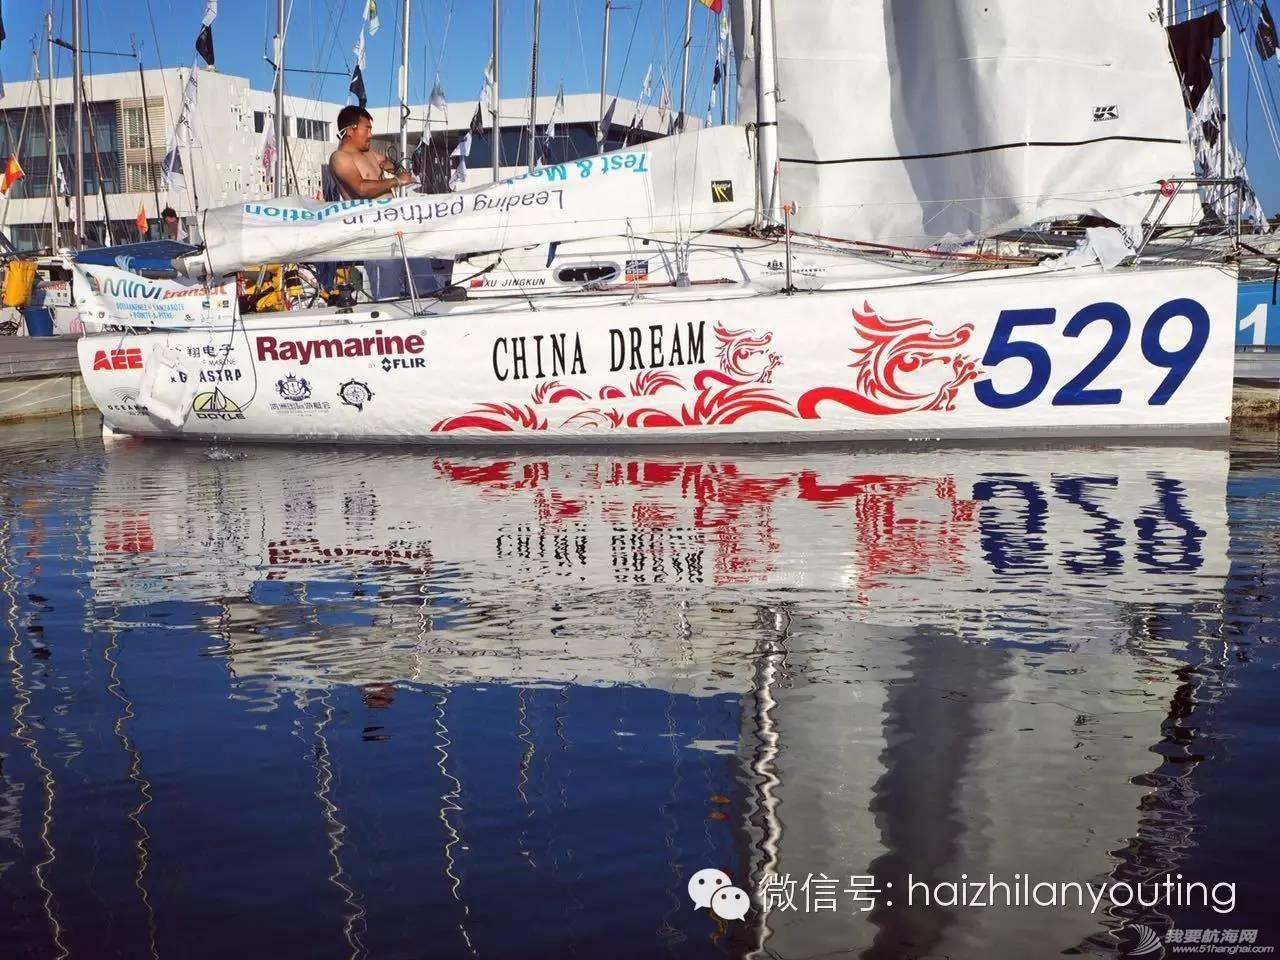 大西洋,中国海,朋友,决战 京坤在MINI TRANSAT | Mini transat第二赛段起航,决战大西洋 cb31fc458e1b664da841de296bed14f7.jpg